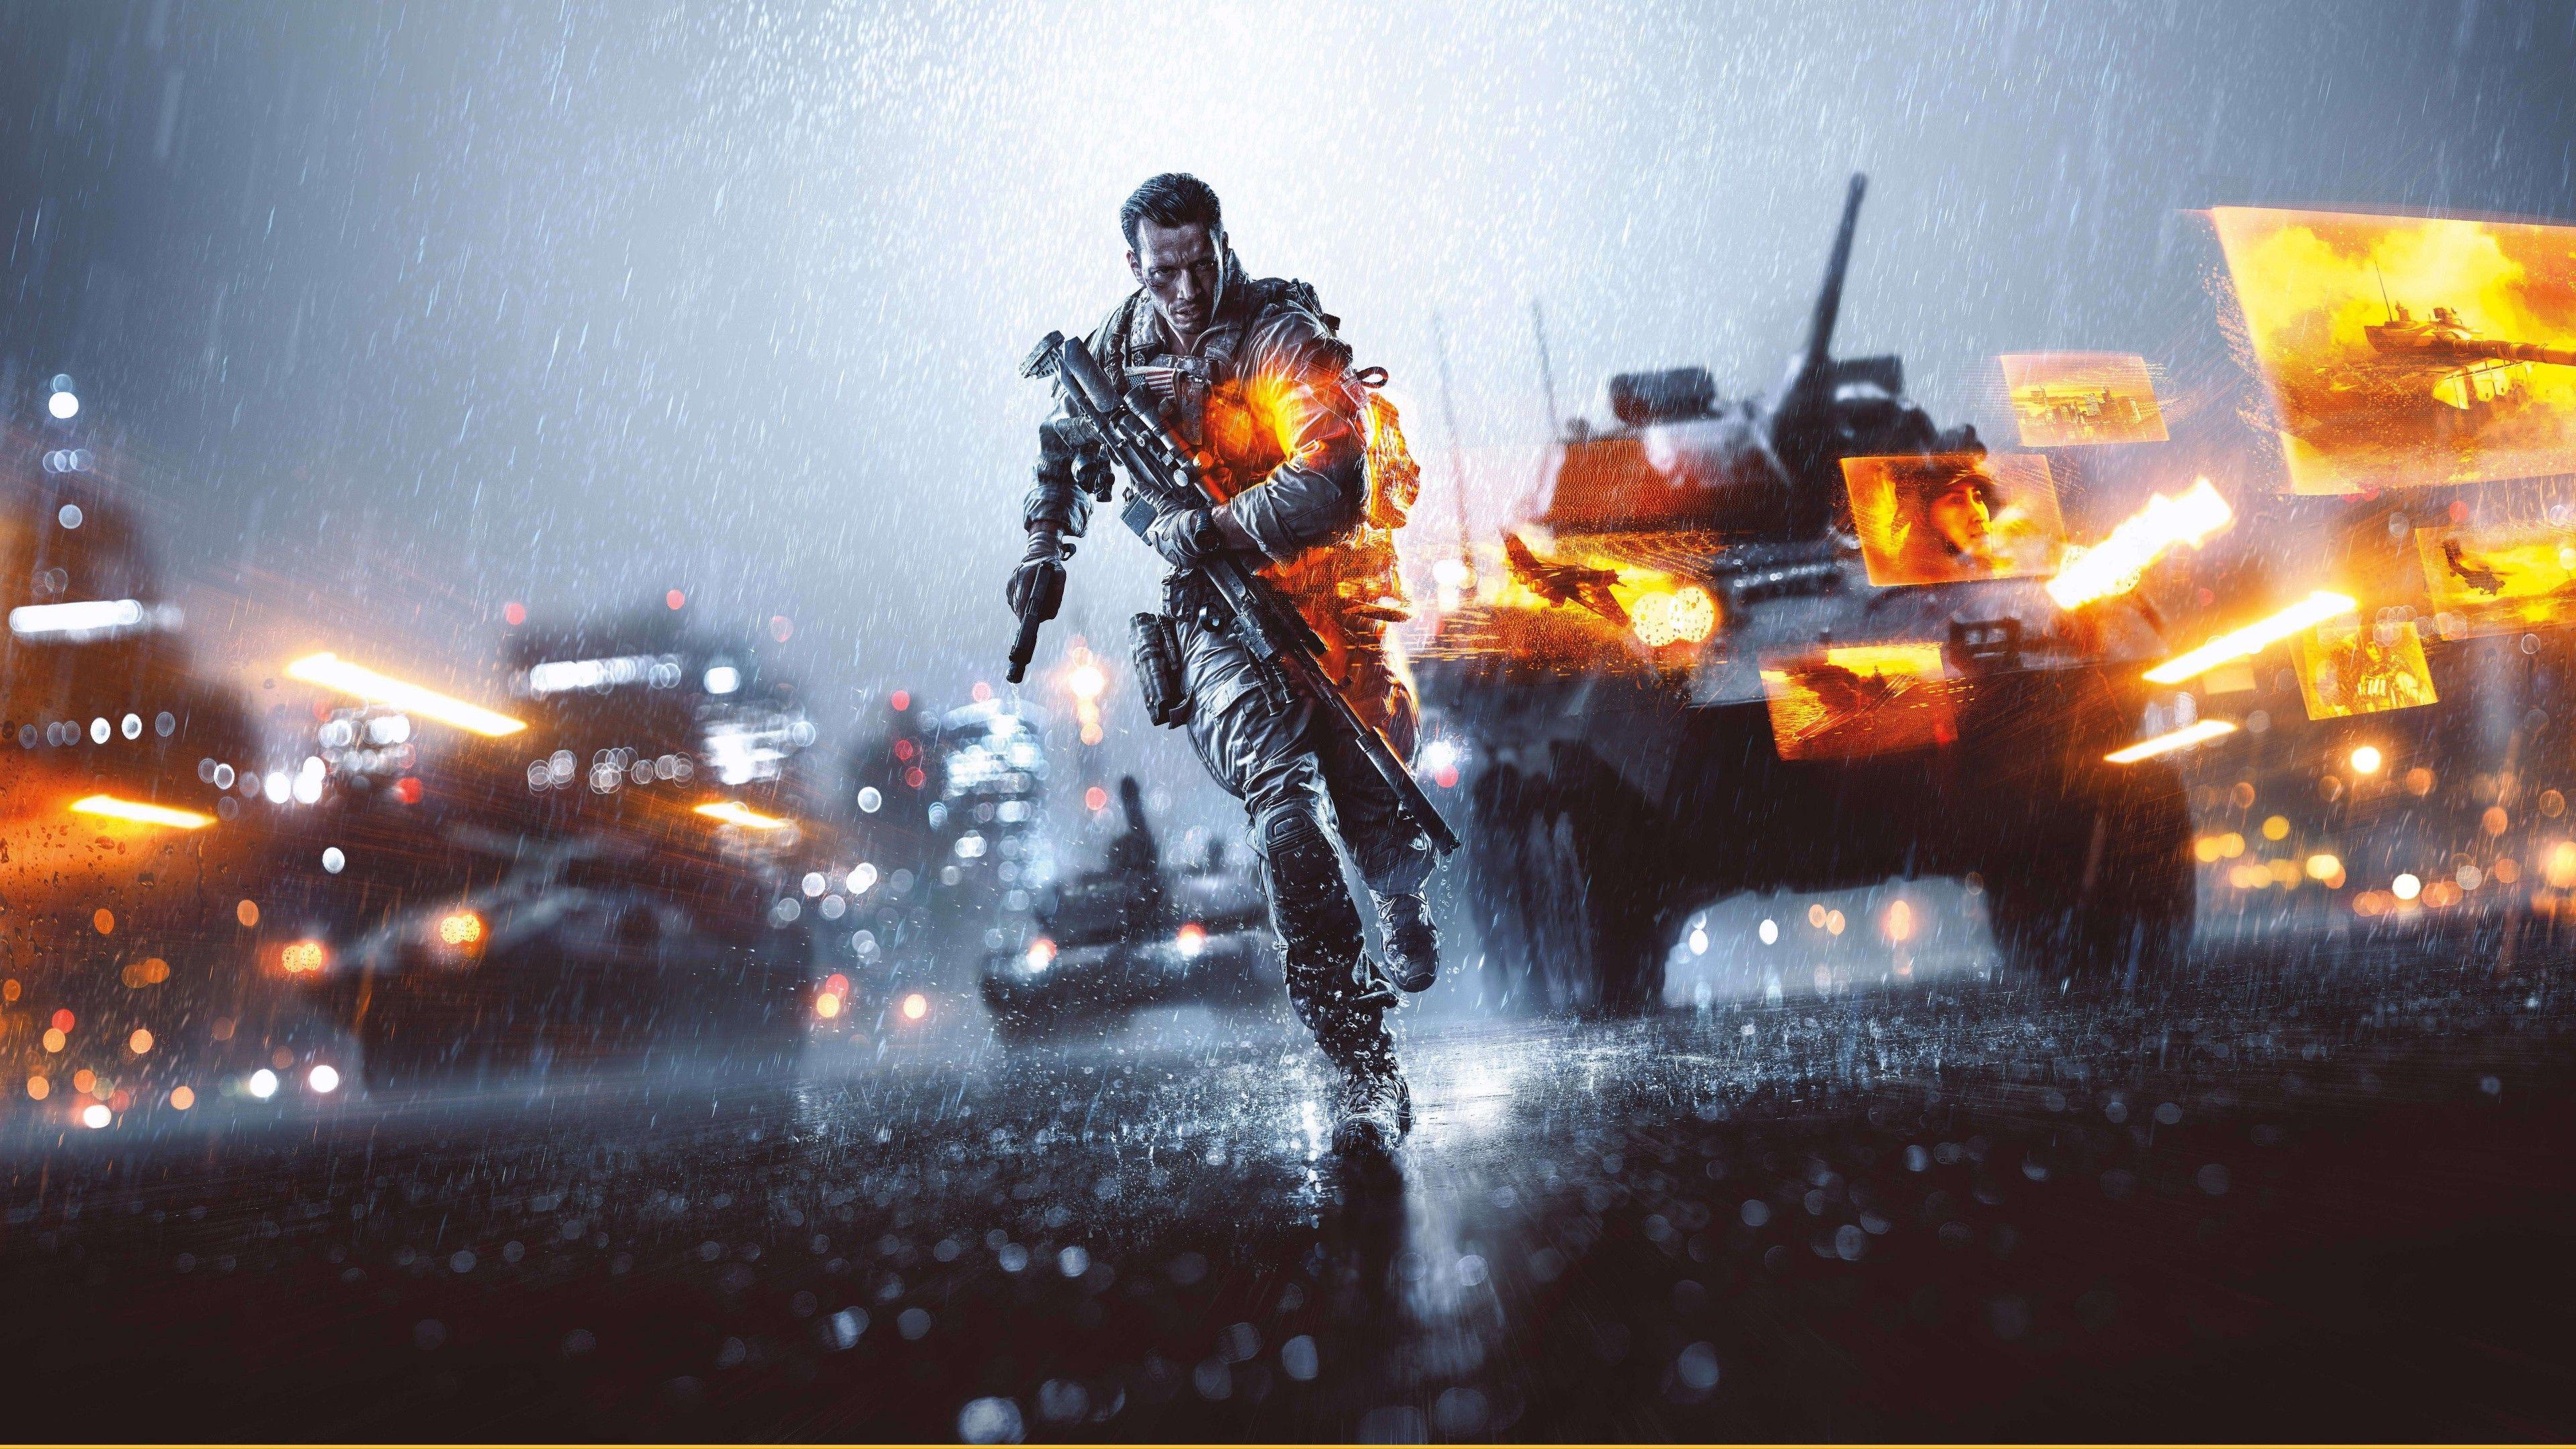 Best Ultra Hd Wallpapers 8k 3840x2160 Battlefield 4 Battlefield Digital Wallpaper